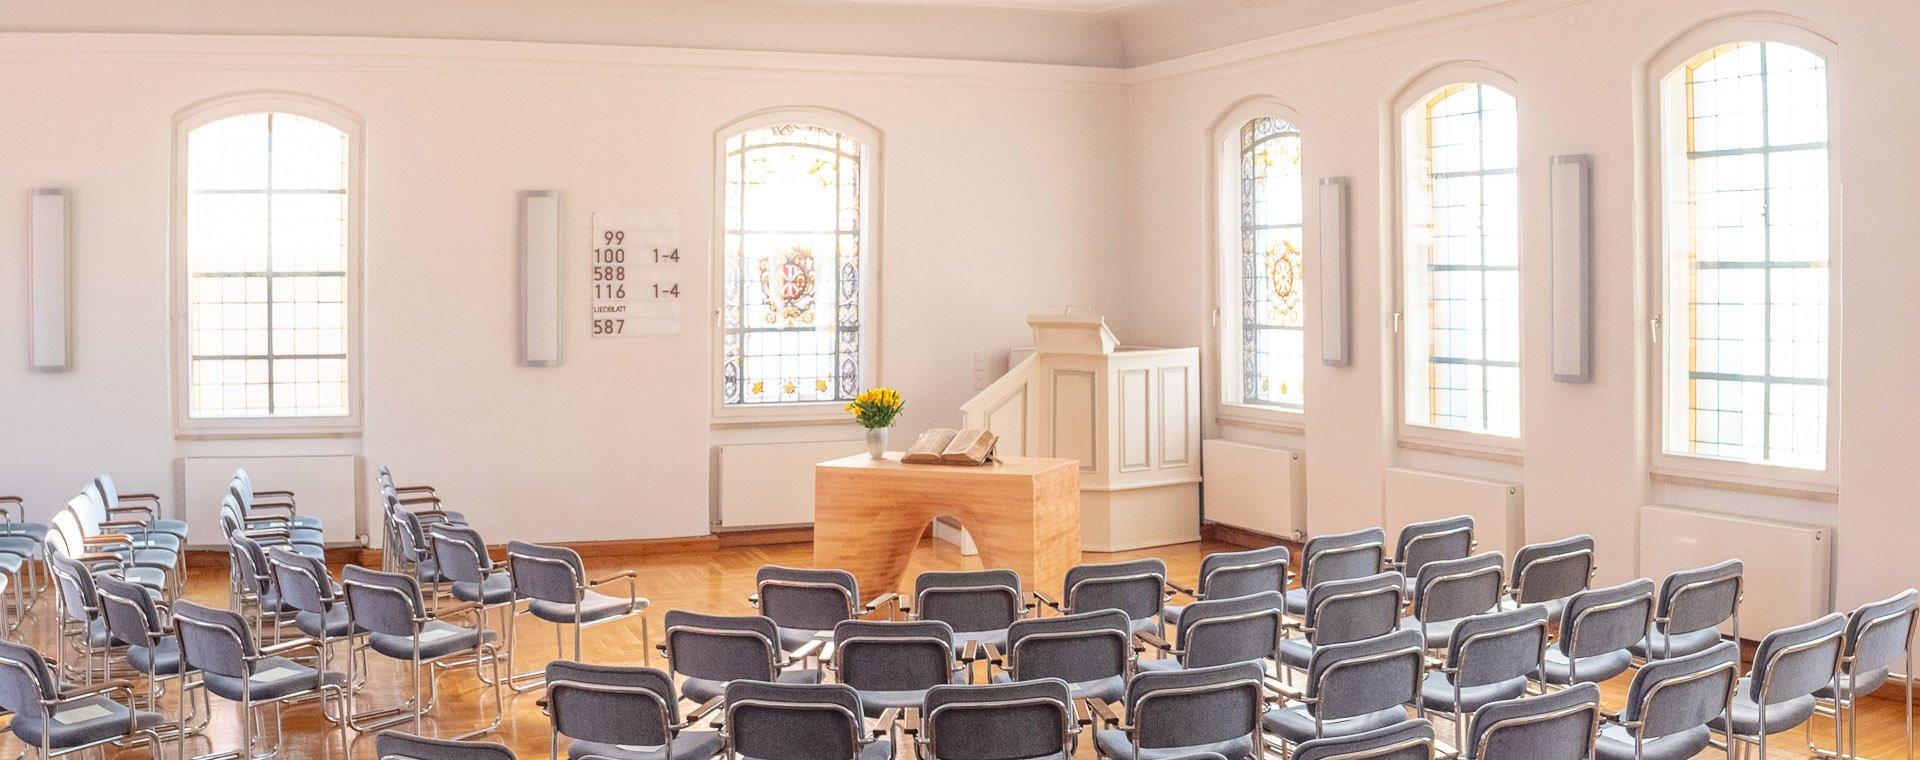 Kirchenraum6_slider